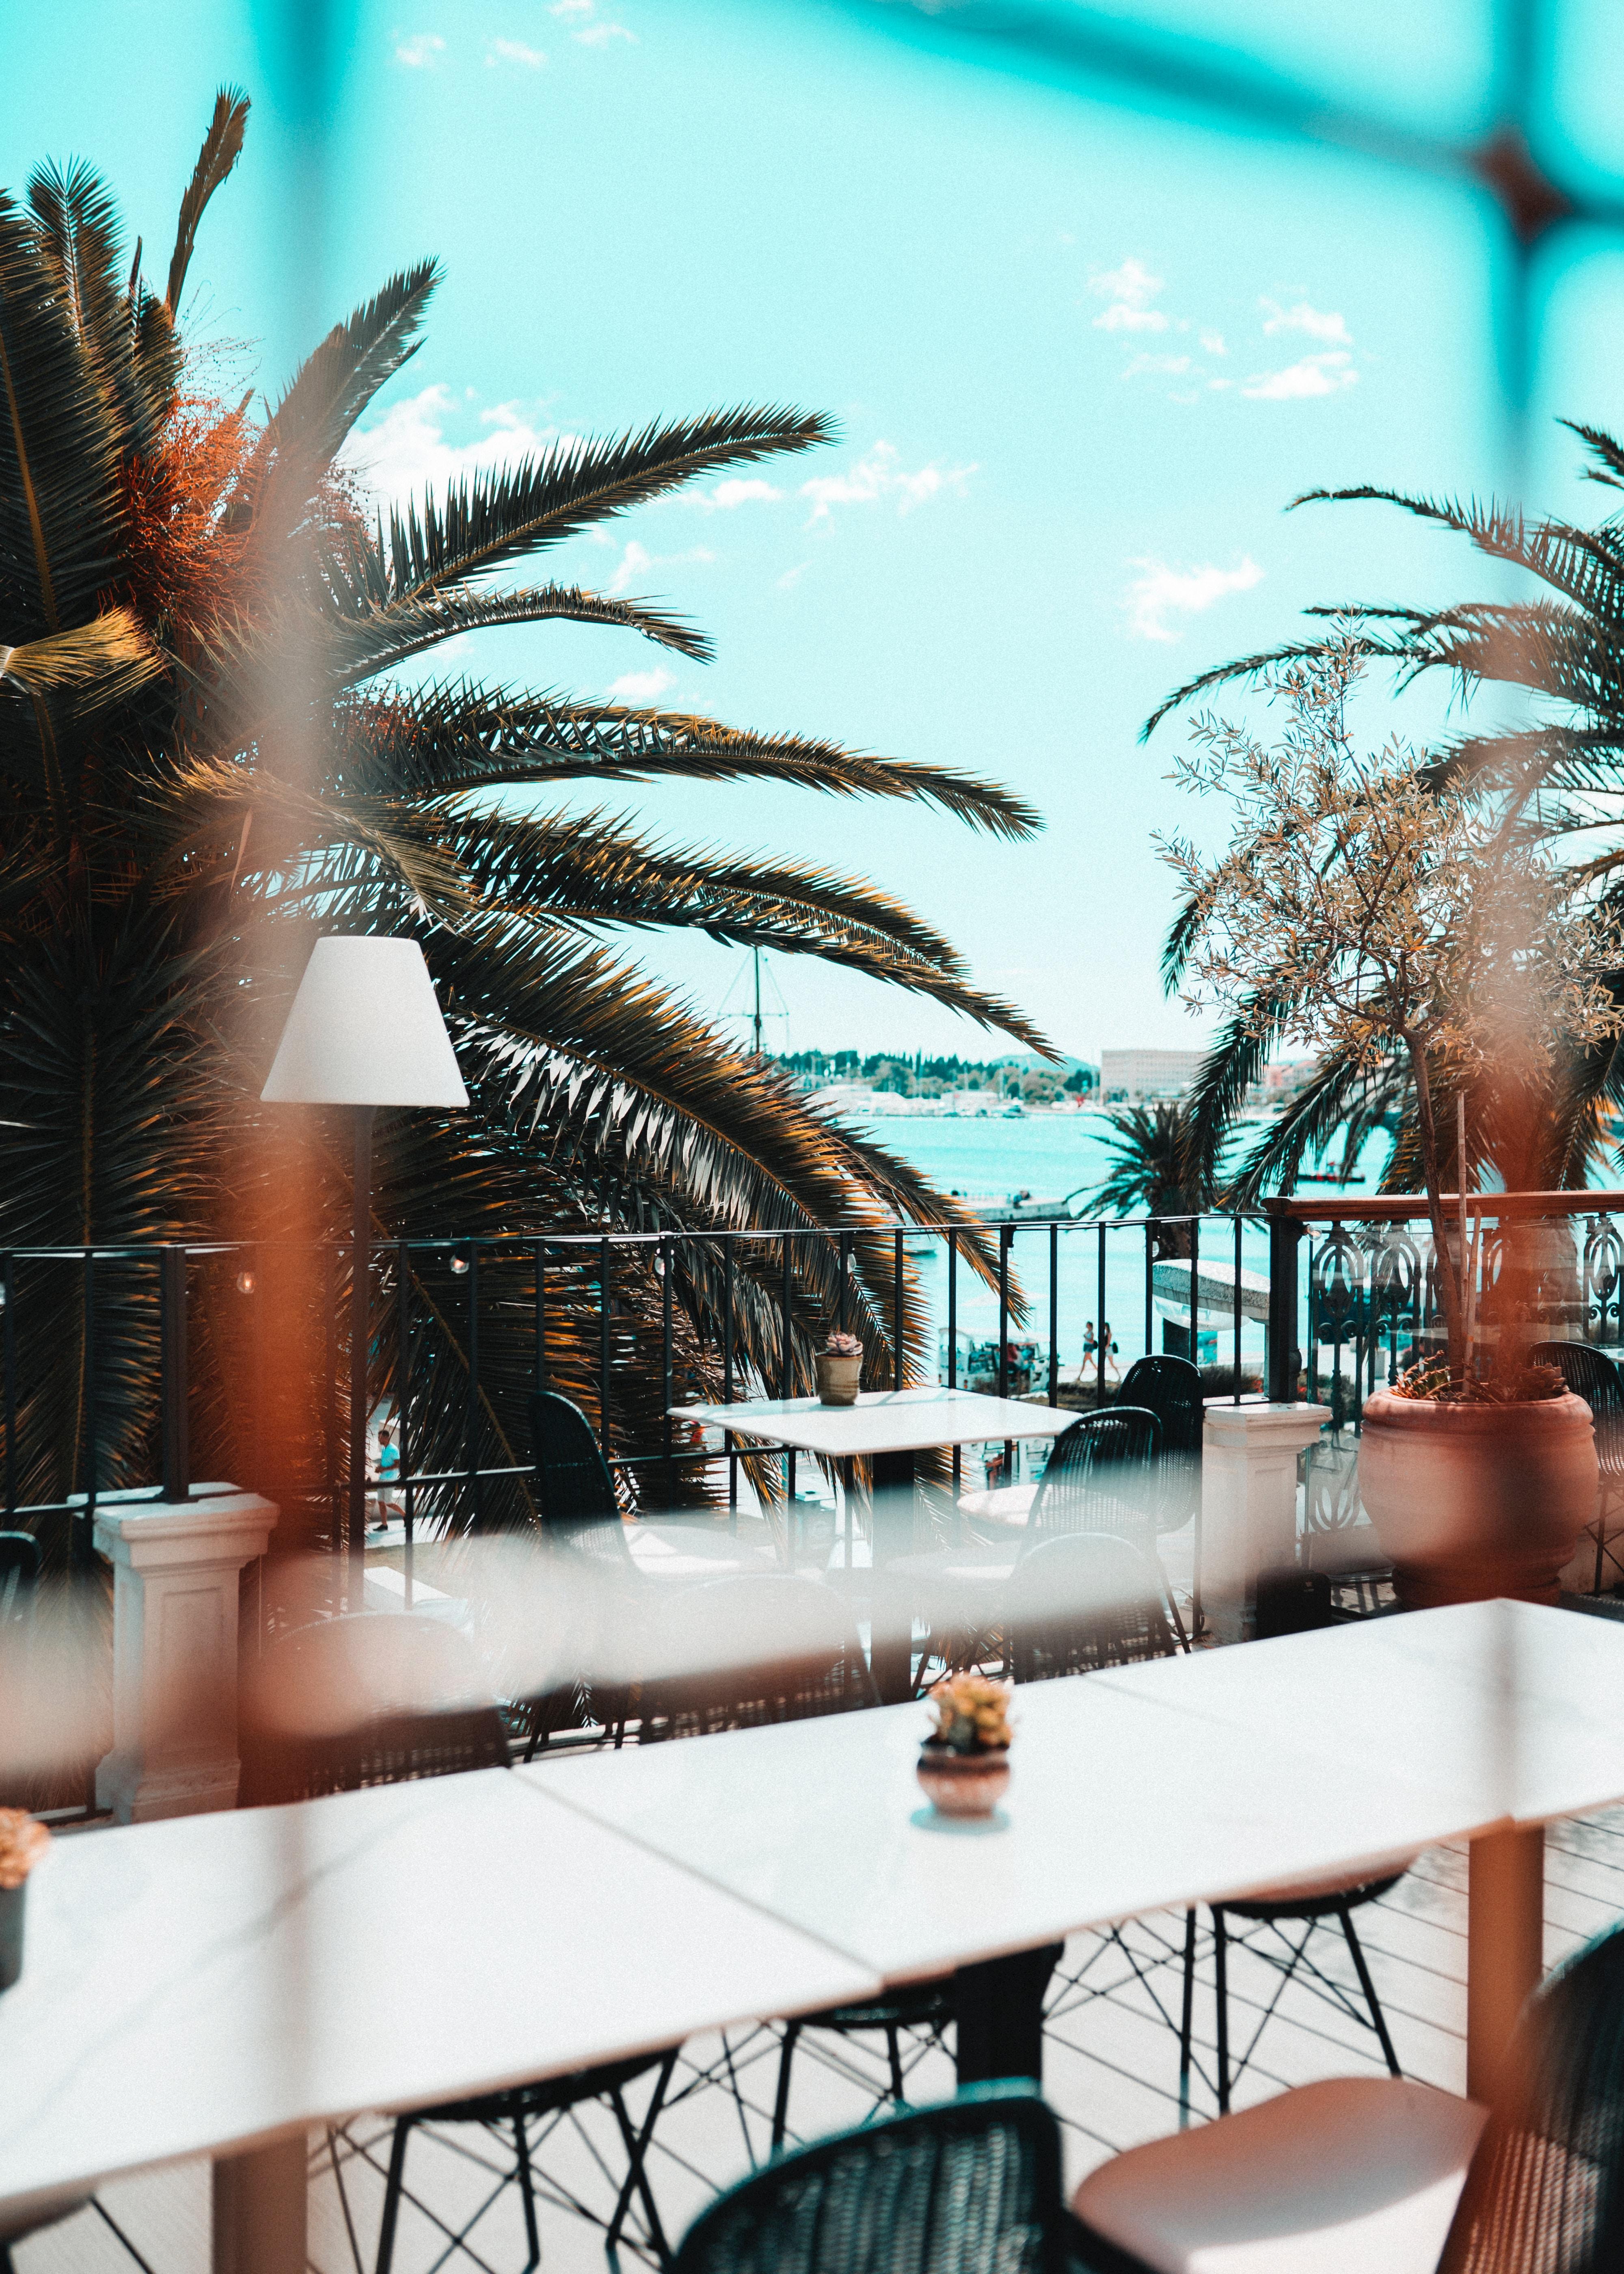 124006 скачать обои Пляж, Пальмы, Интерьер, Разное, Мебель, Терраса - заставки и картинки бесплатно